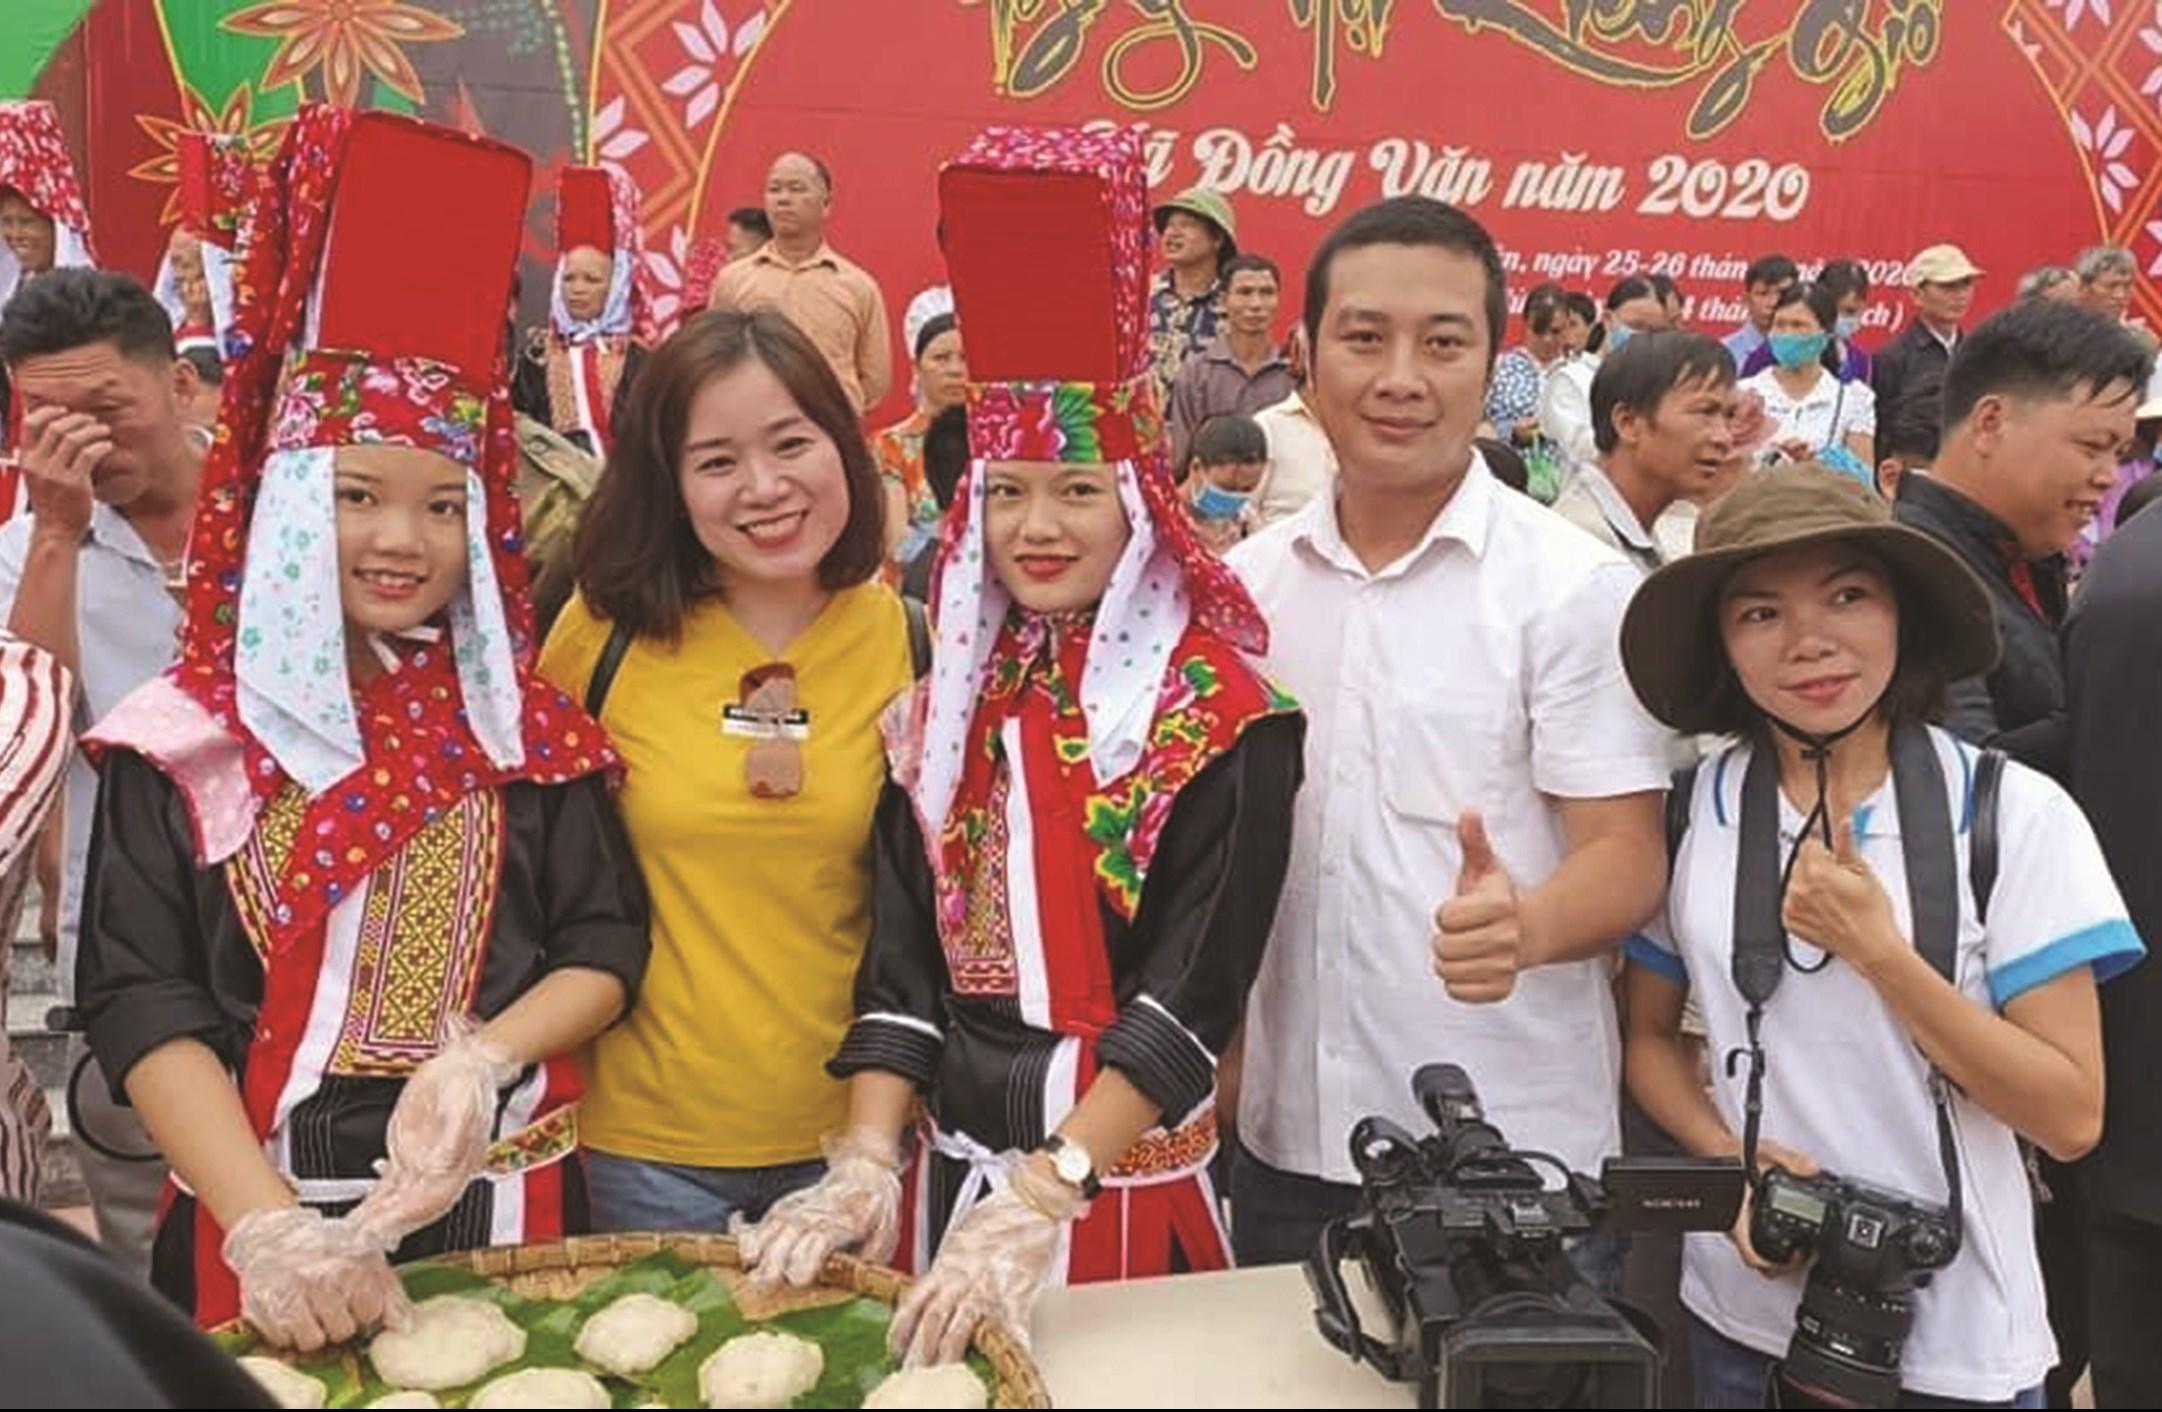 Du khách nội địa thích thú khi được trải nghiệm những Tour du lịch văn hóa của đồng bào DTTS trên địa bàn tỉnh Quảng Ninh